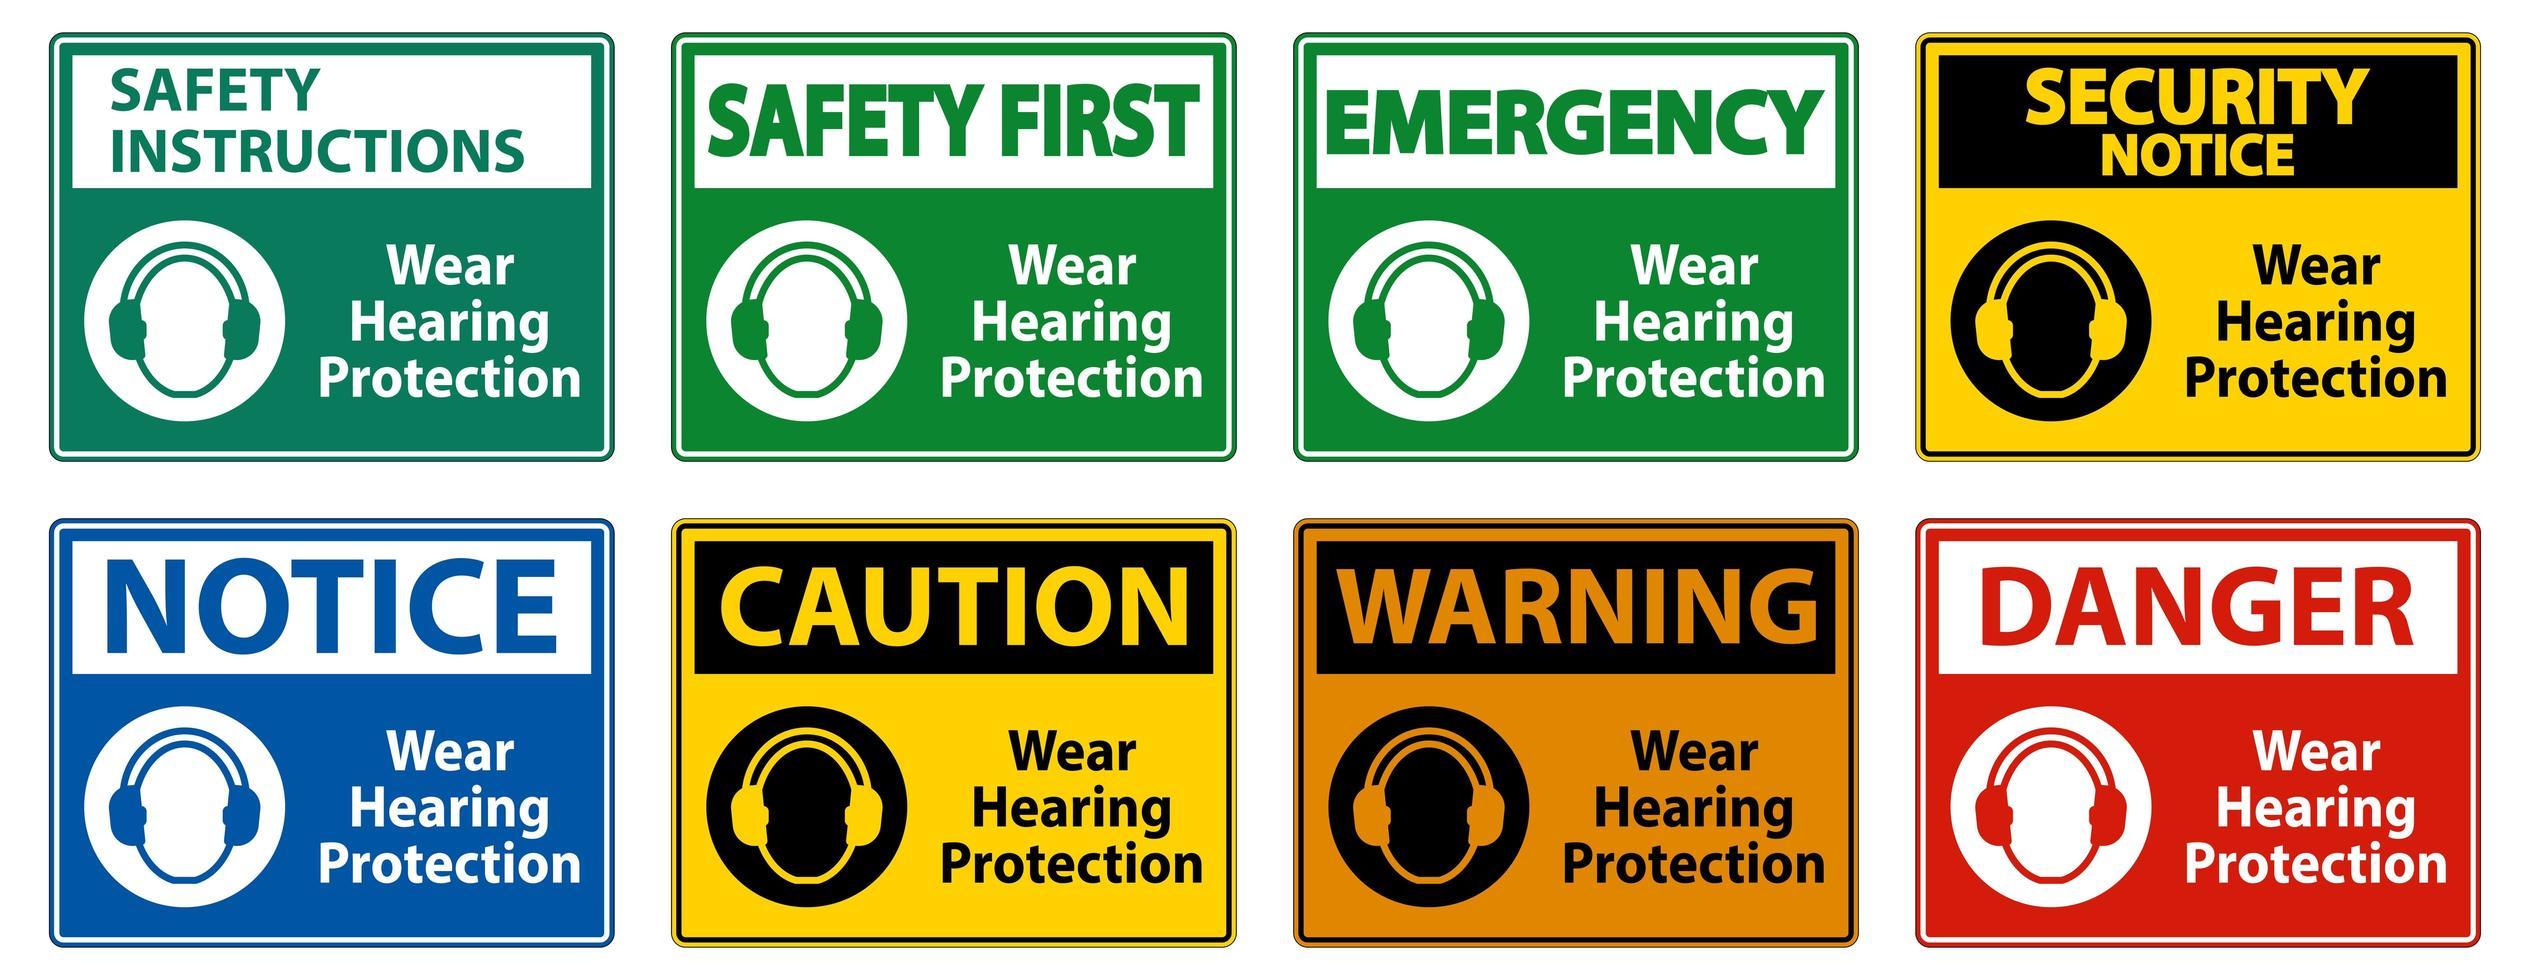 usar sinais de proteção auditiva vetor